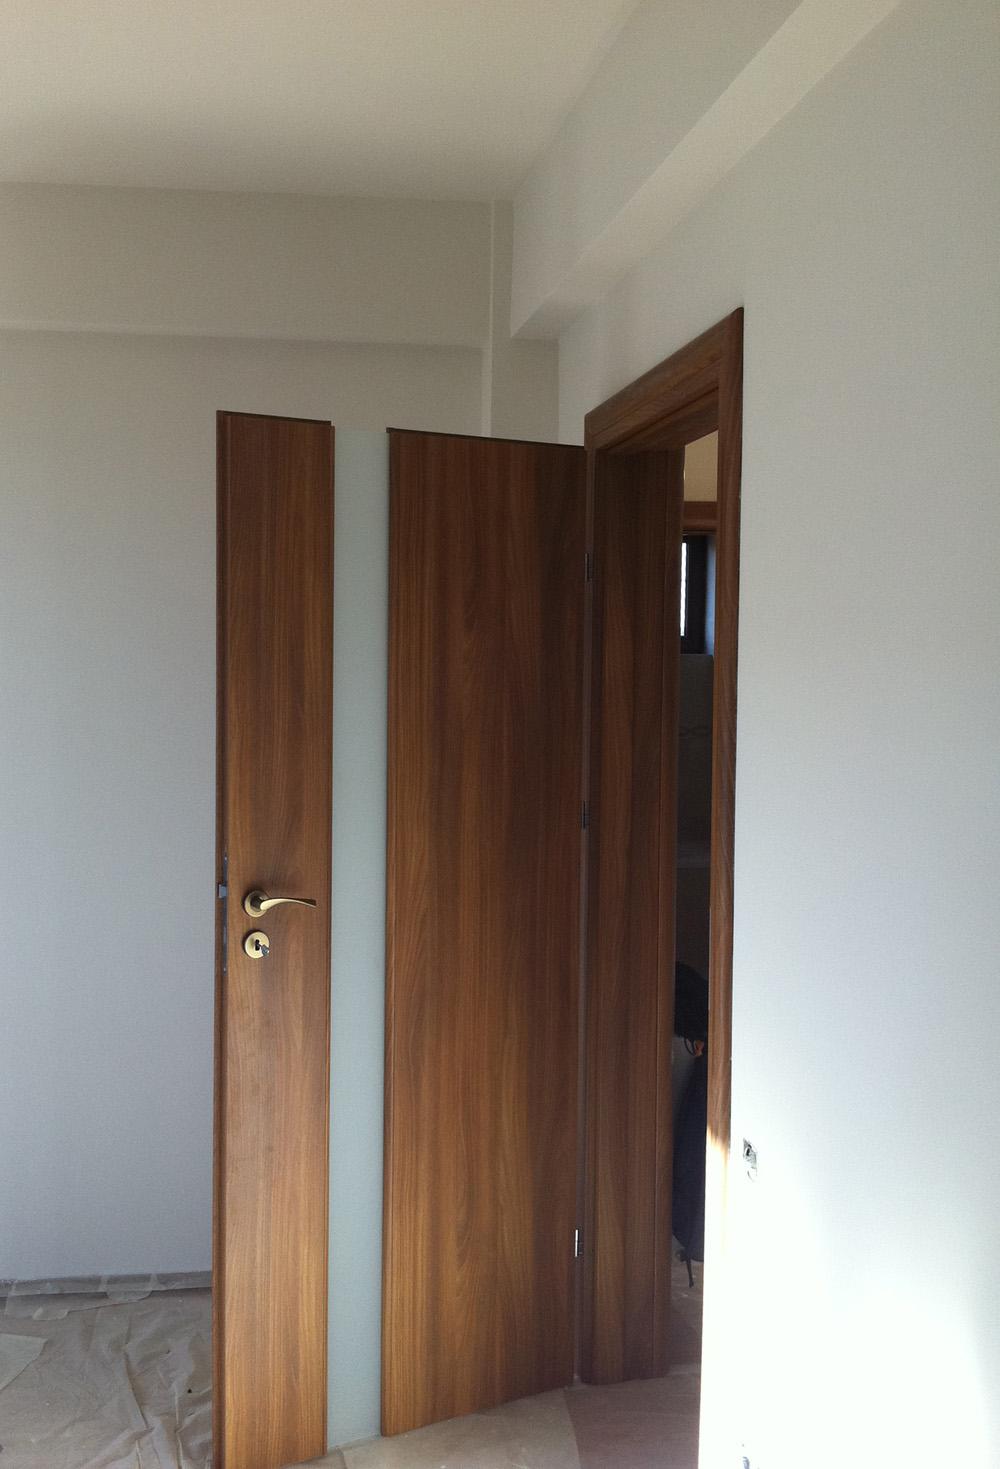 Amenajari interior MIBAT CONSTRUCT - Poza 59